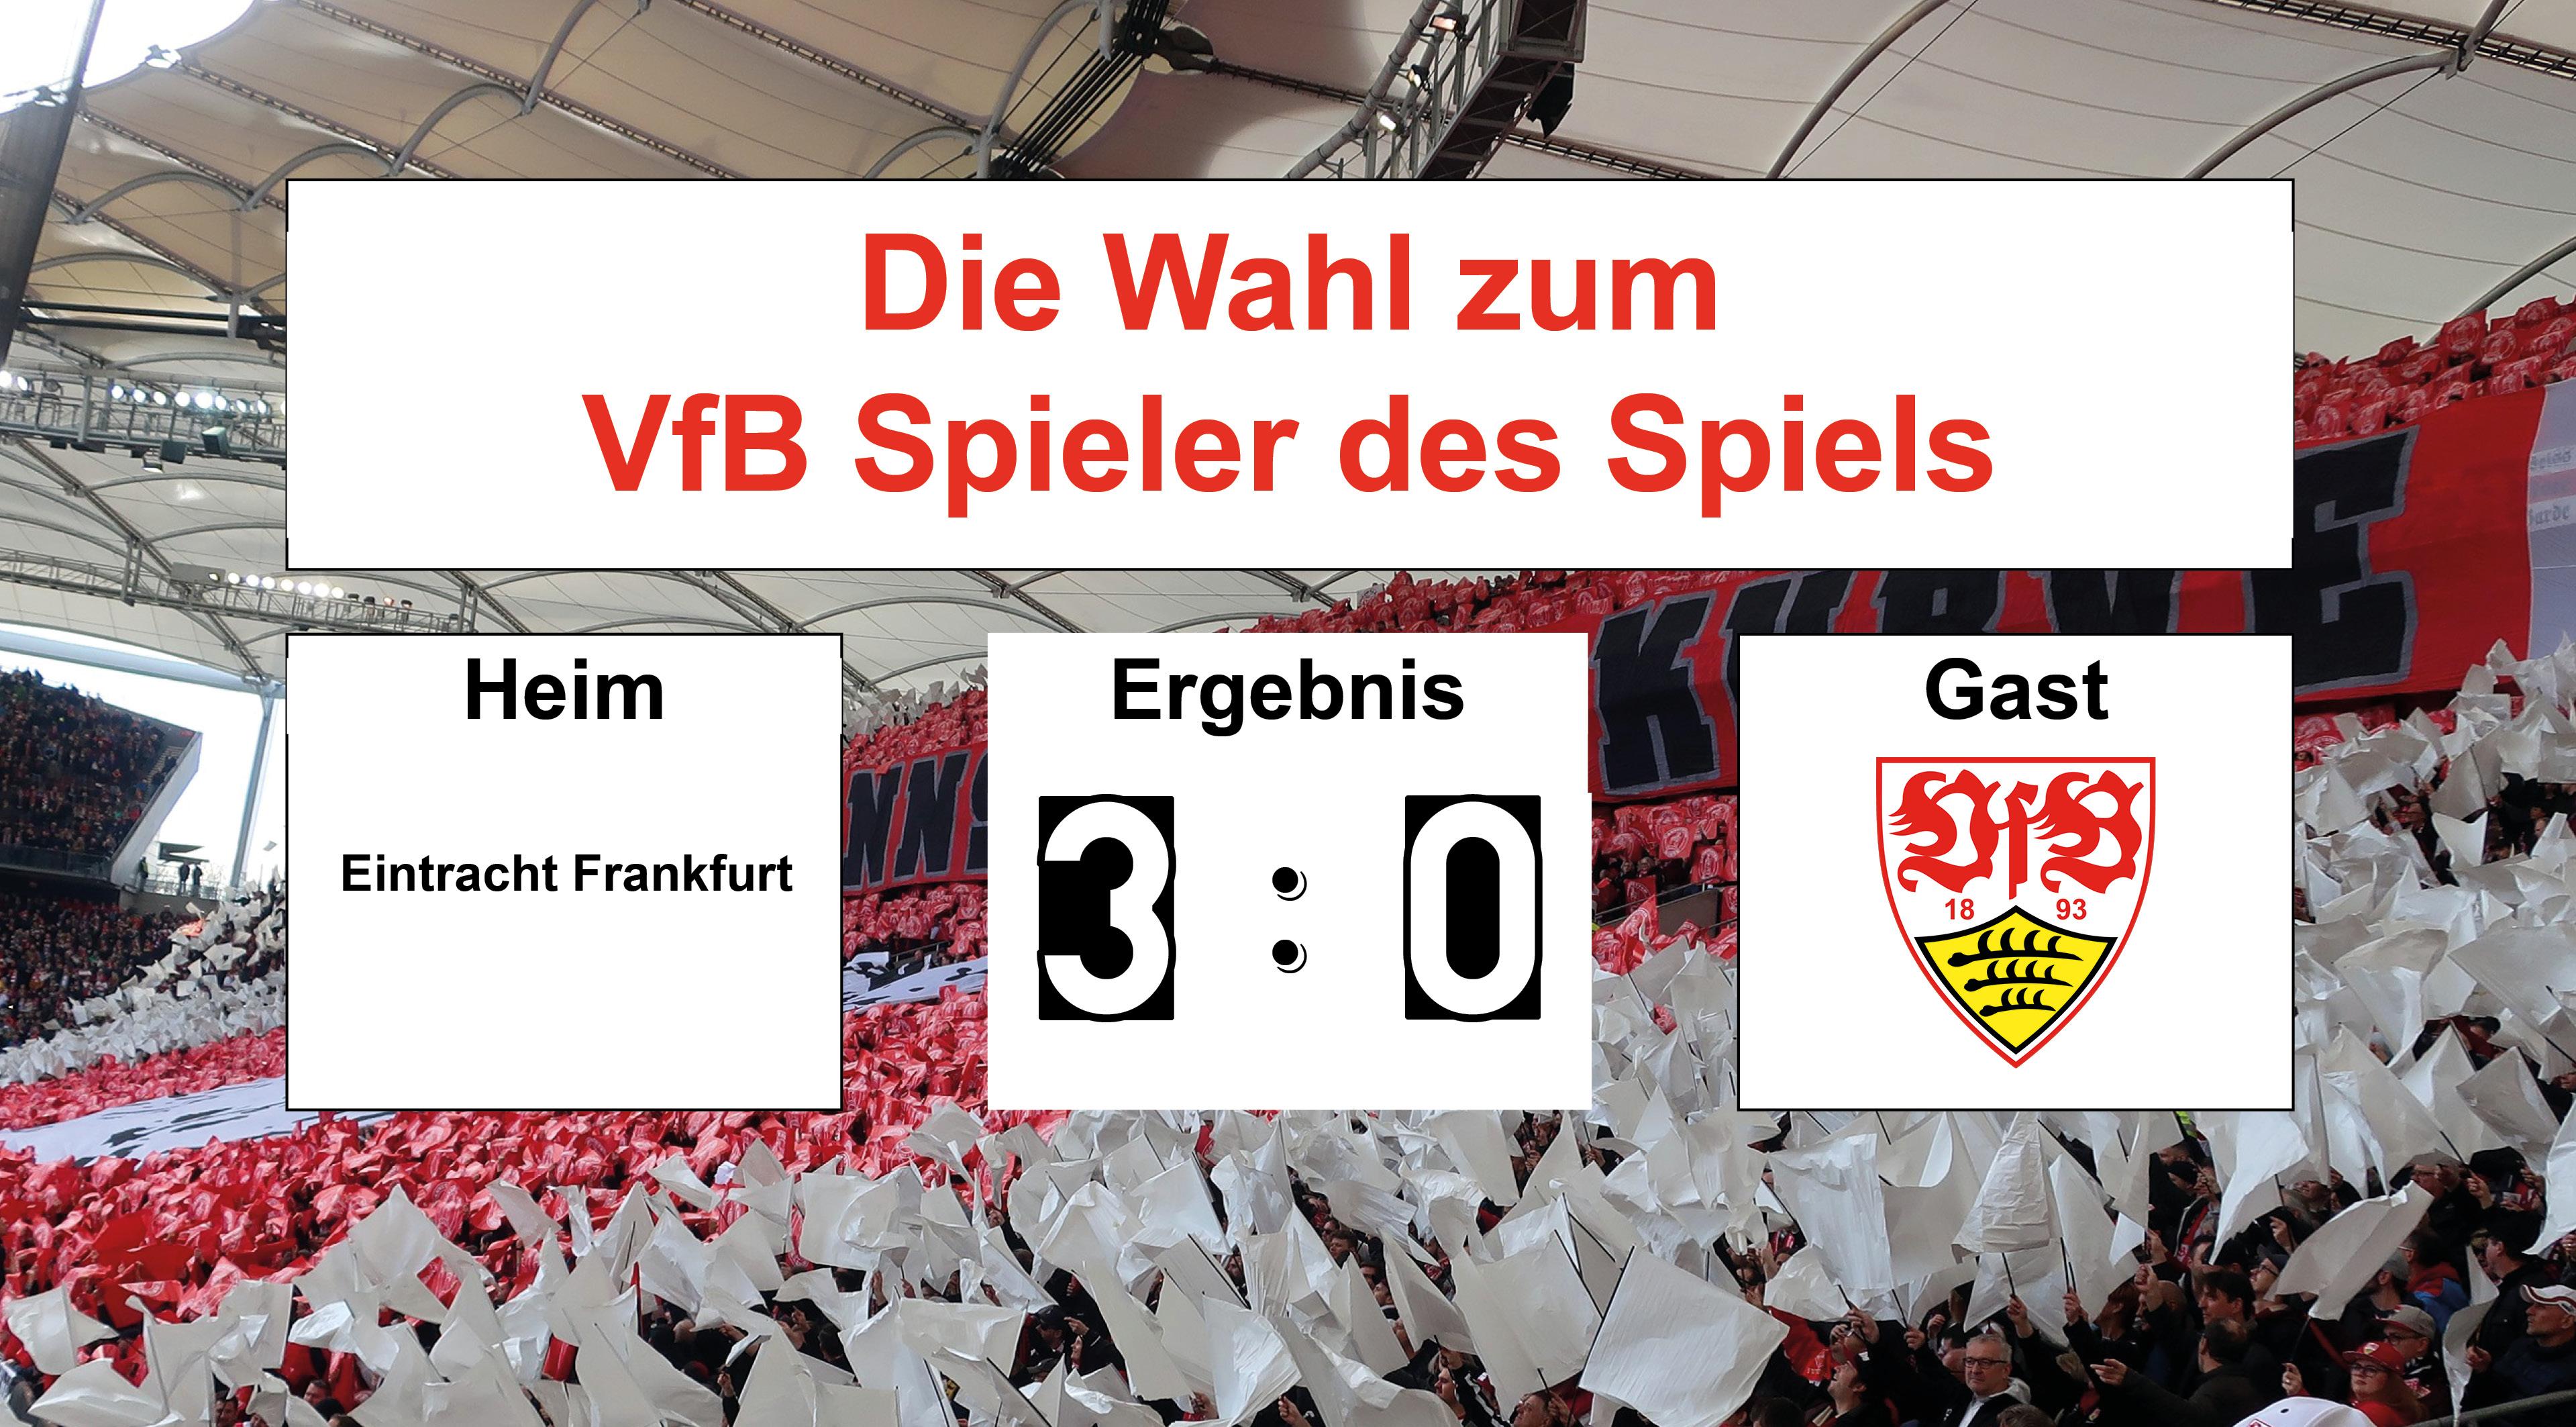 Wahl zum VfB Spieler des Spiels #SGEVfB 31.03.2019